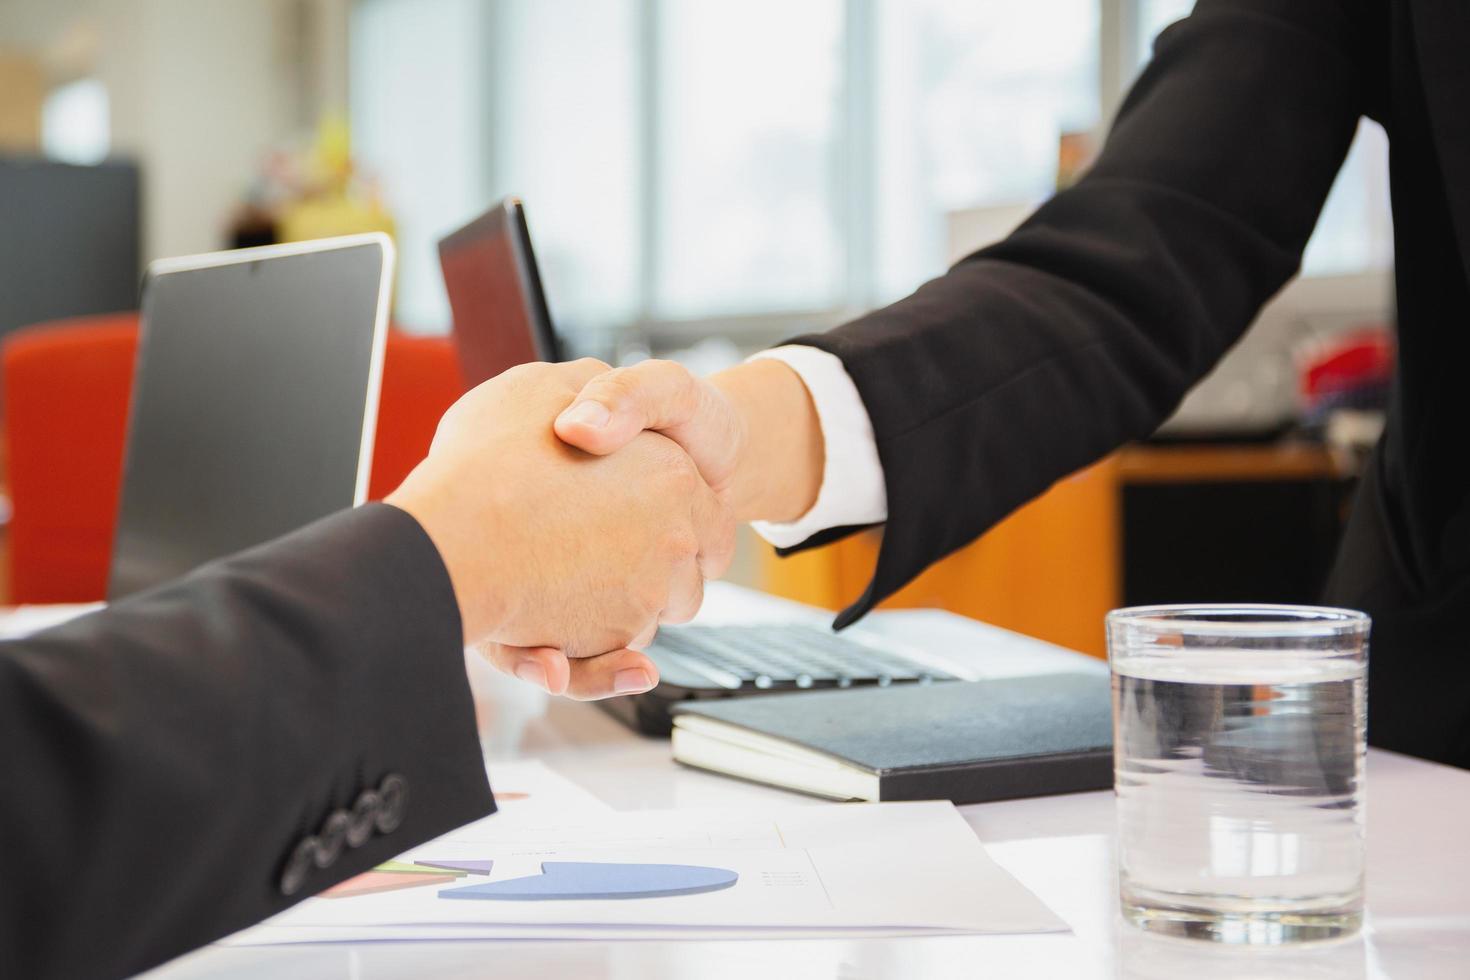 zakenlieden handen schudden in overleg foto